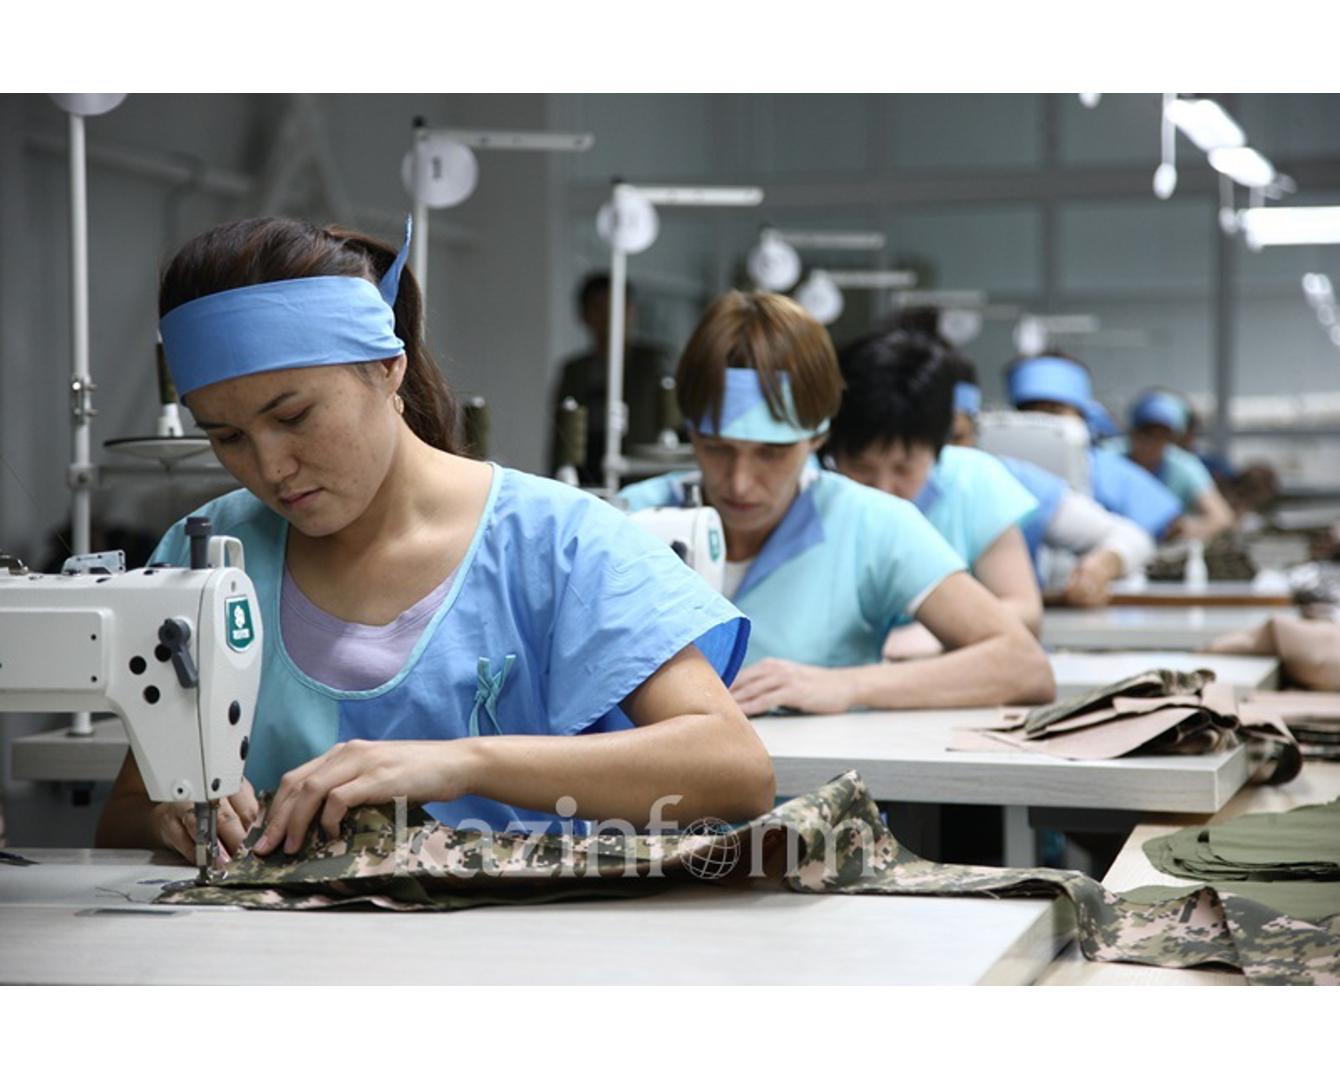 Казахстанский консорциум предприятий легкой промышленности пополнился 13 компаниями